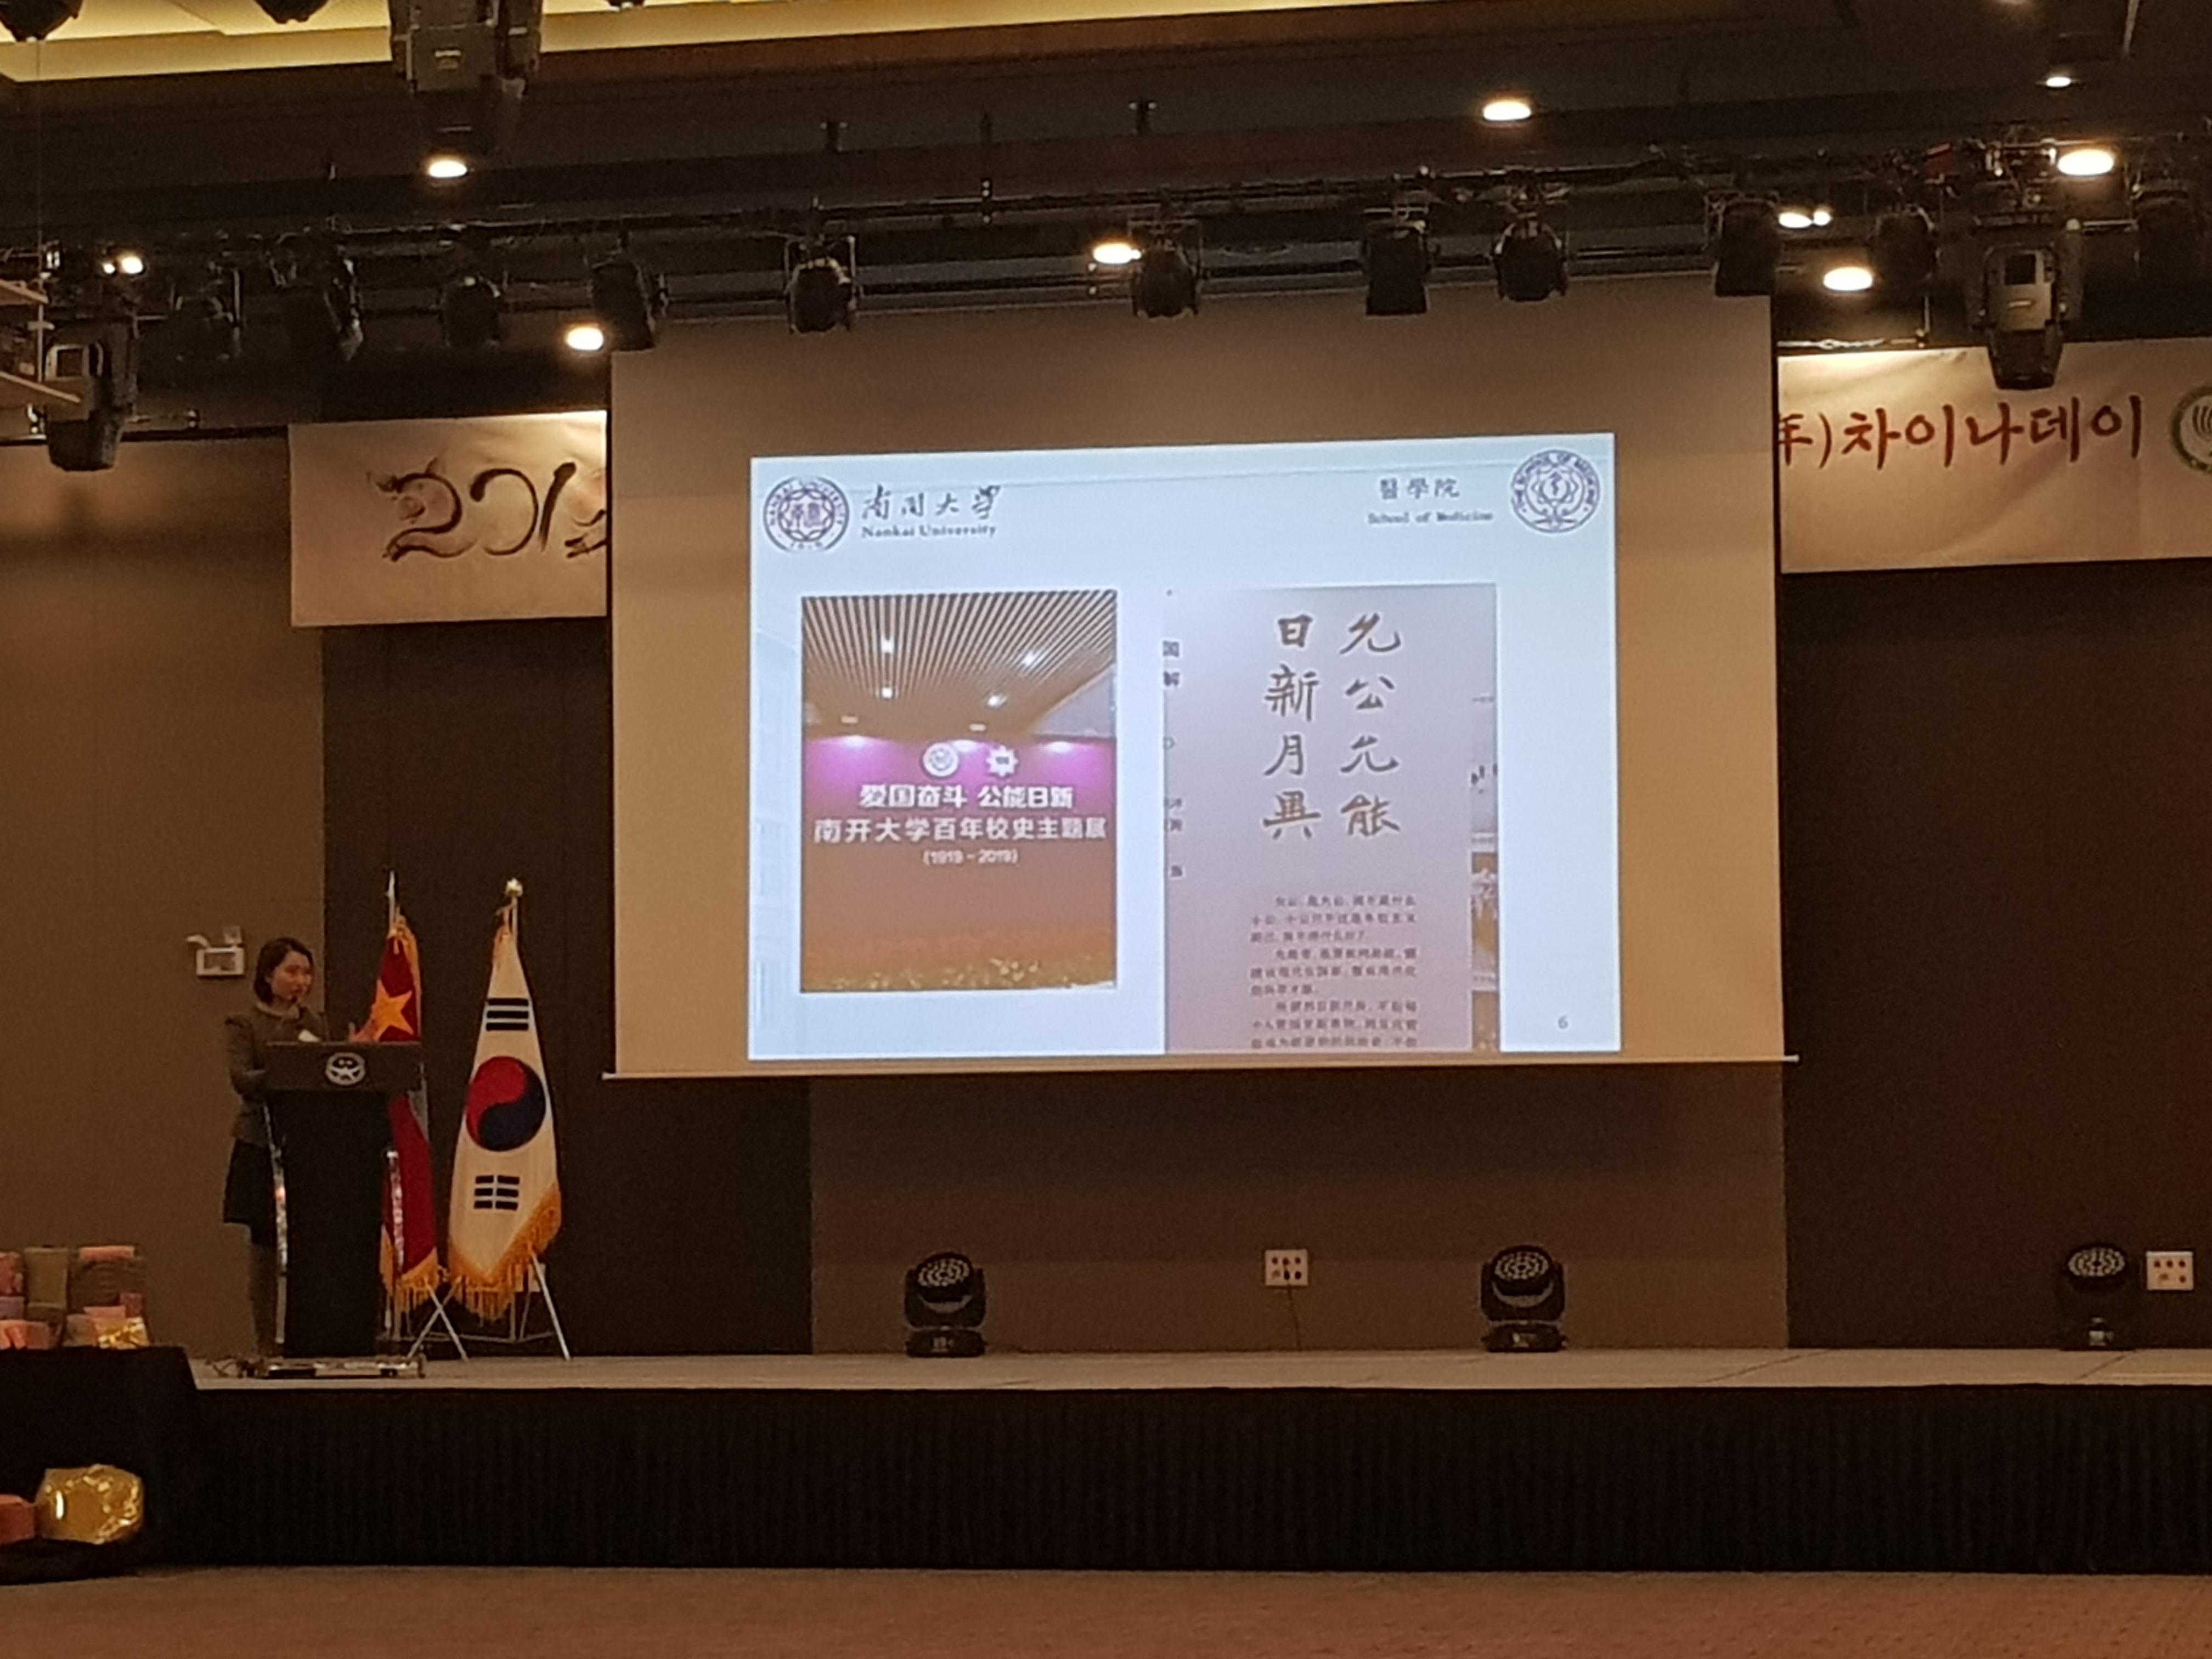 제주한라대학교 공자학원, 기해년차이나데이 개최2